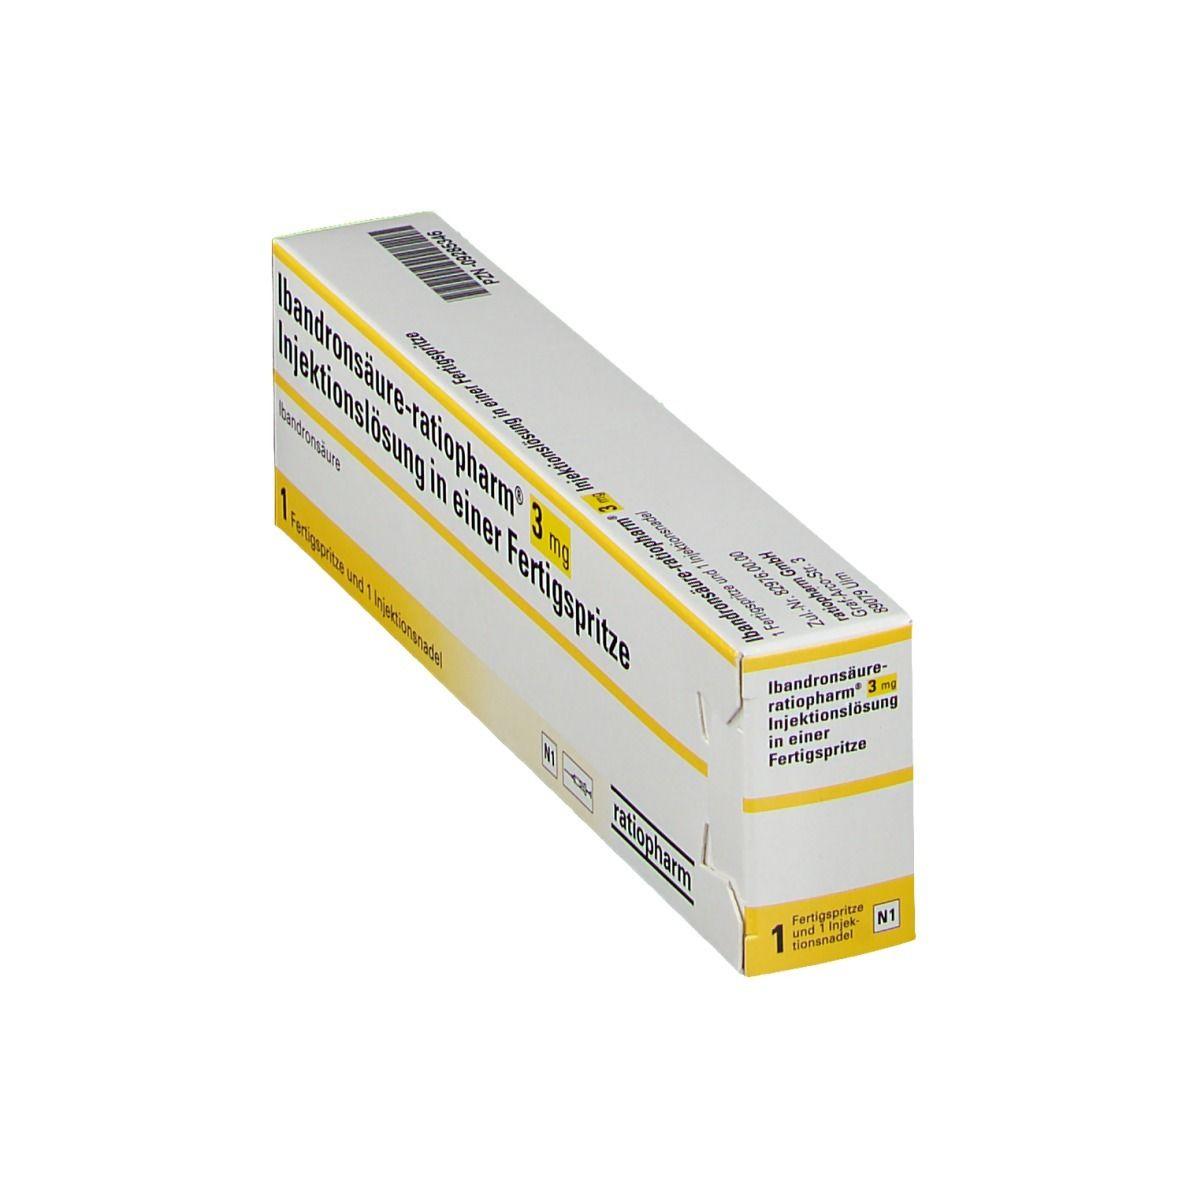 IBANDRONSAEURE ratiopharm® 3 mg Inj.Lsg Fertigspr.